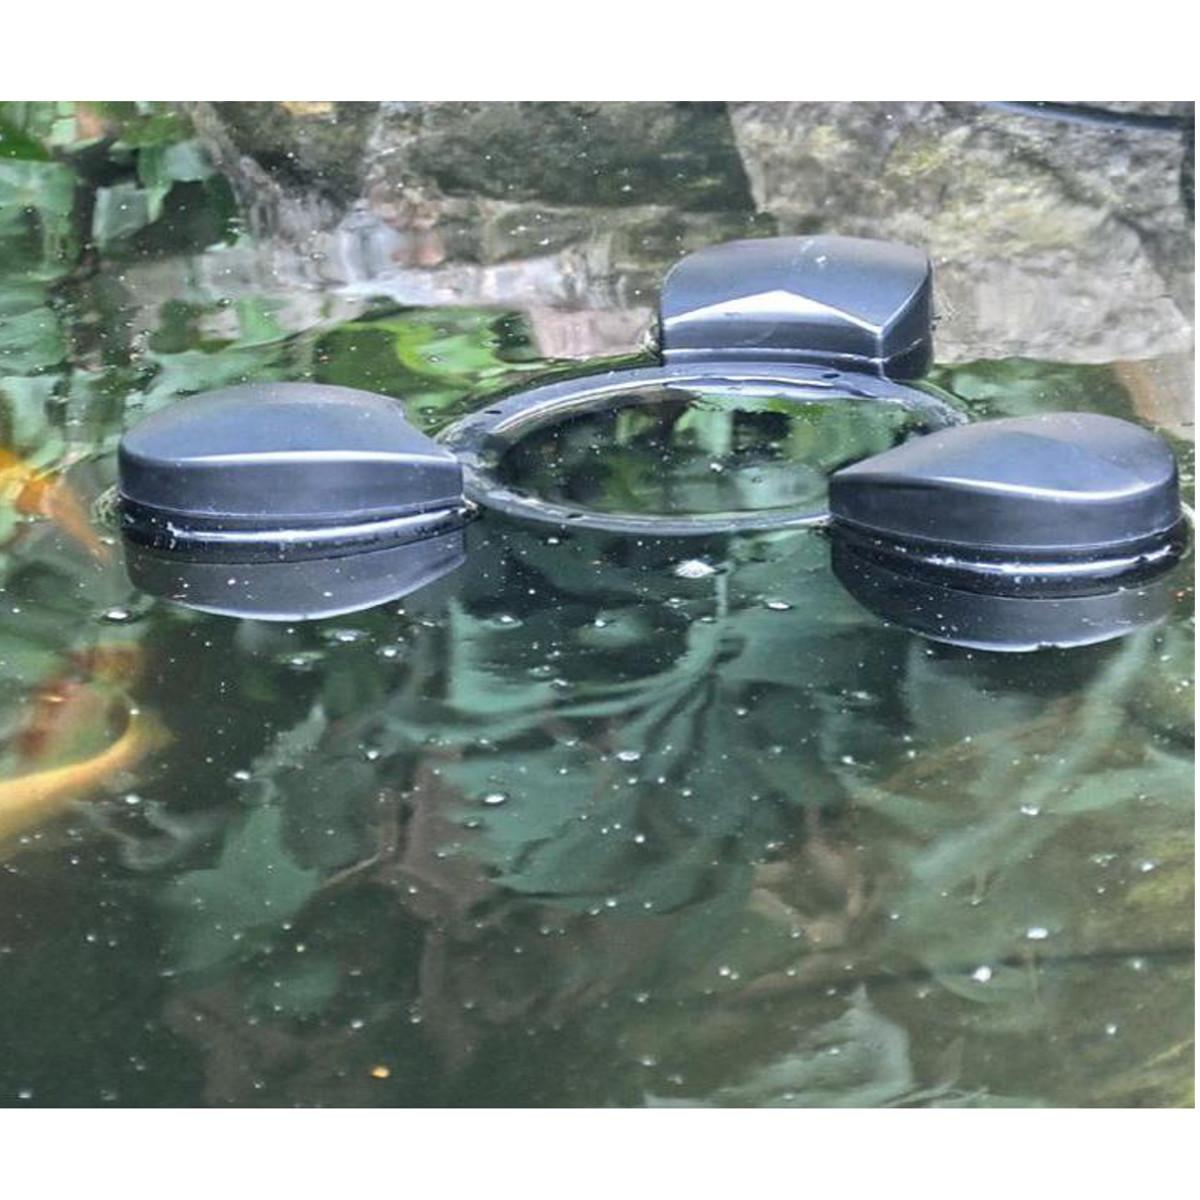 Bermuda floating pond skimmer pump remove debris filter for Koi pond skimmer